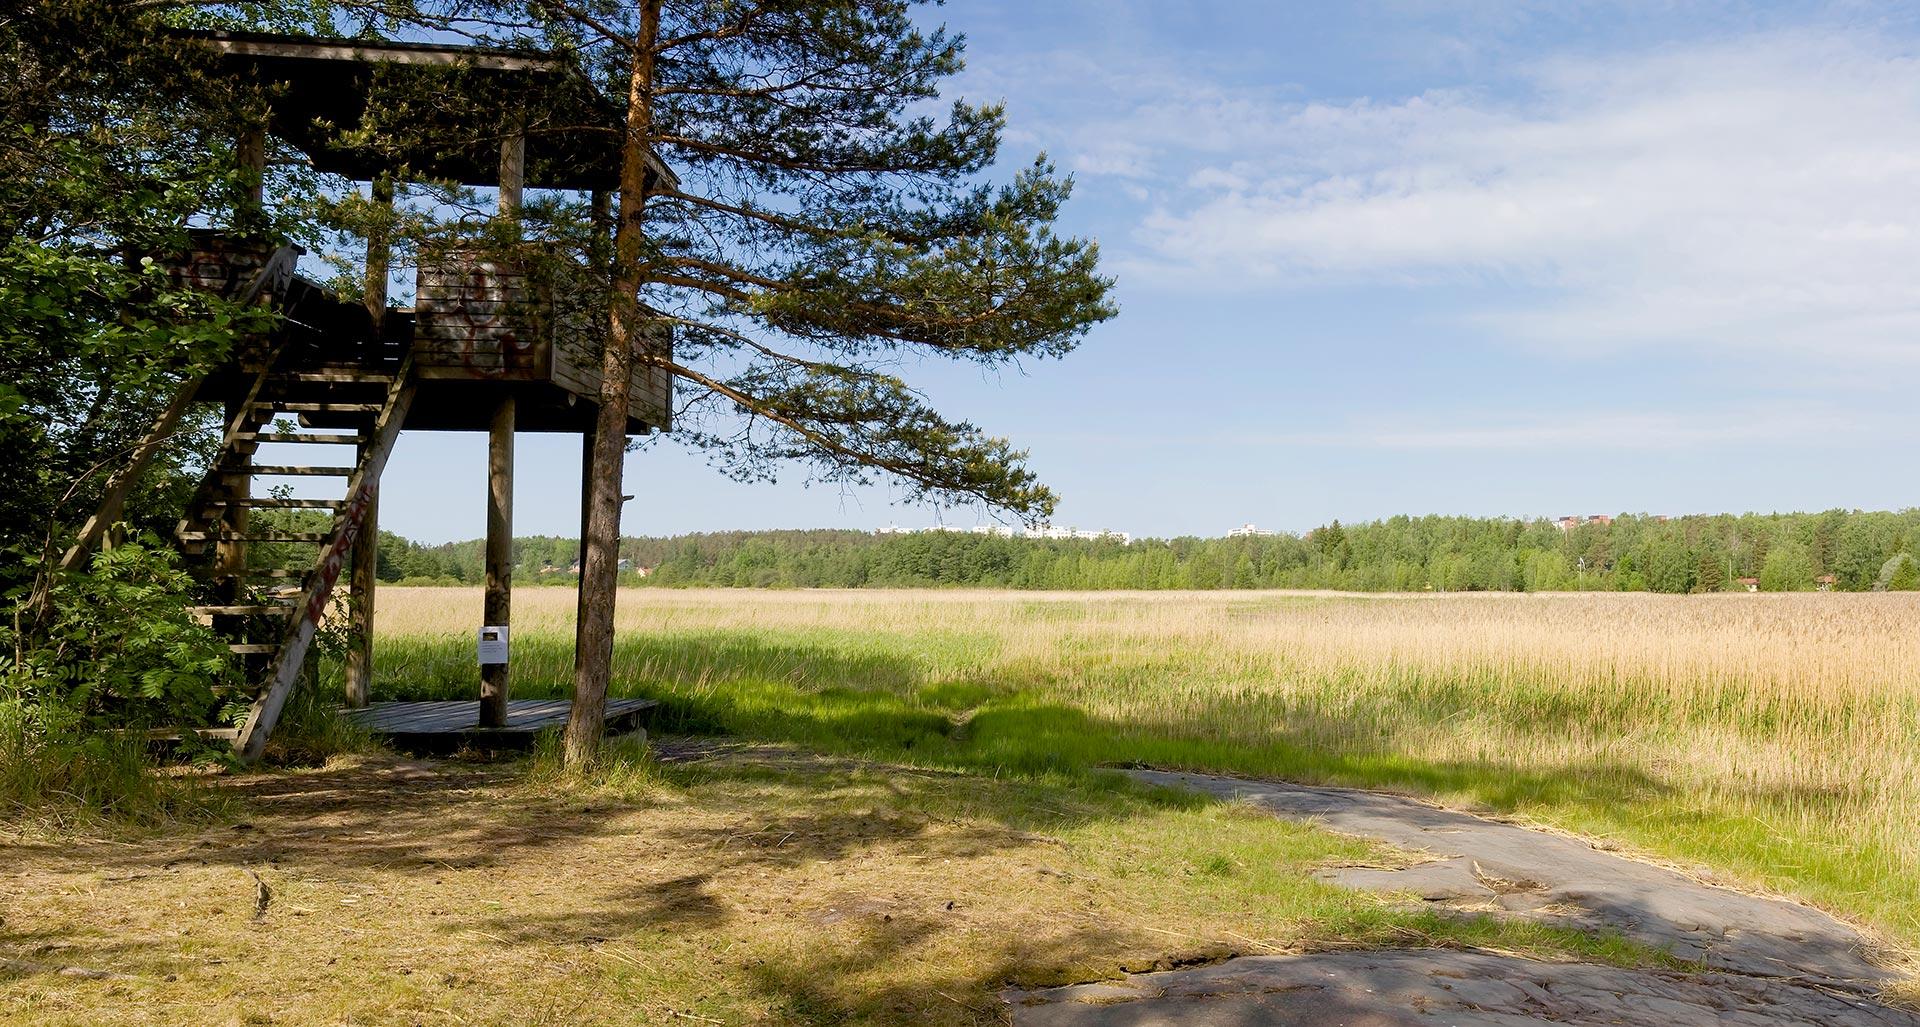 Hanikan luonnonsuojelualue ja lintutorni © Visit Espoo